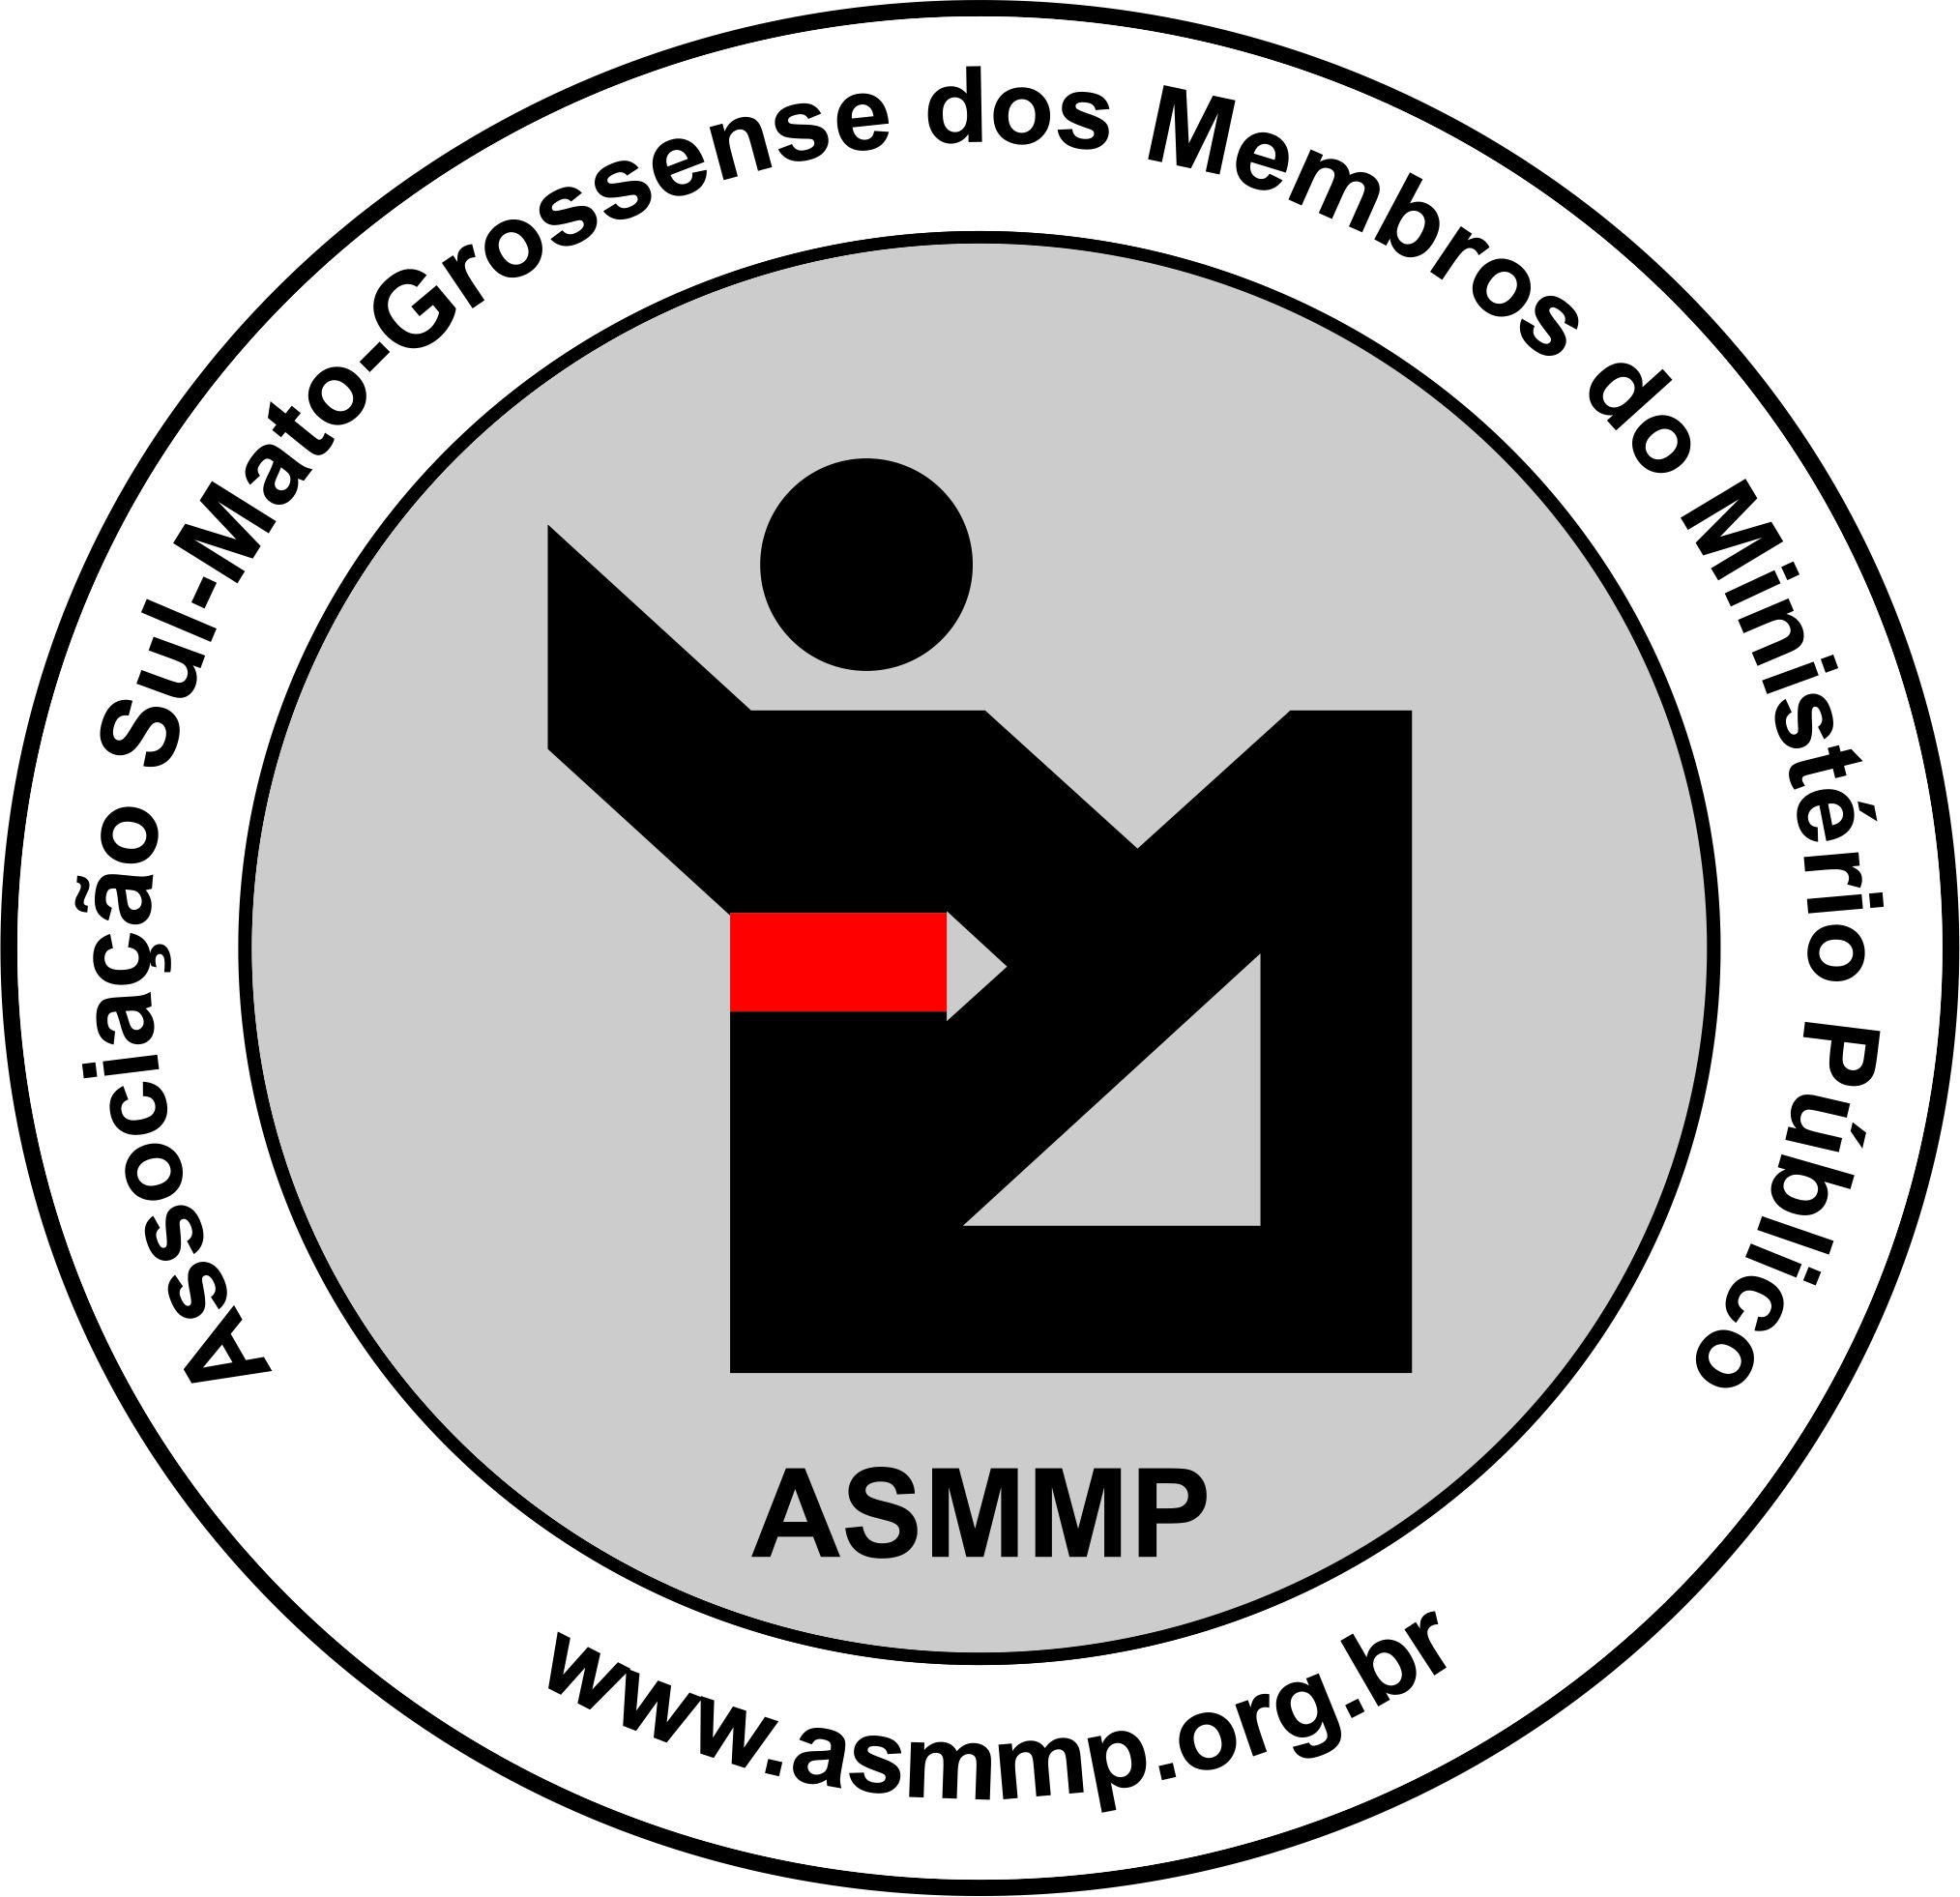 ASMMP - ASSOCIAÇÃO SUL-MATOGROSSENSE DOS MEMBROS DO MINISTÉRIO PÚBLICO